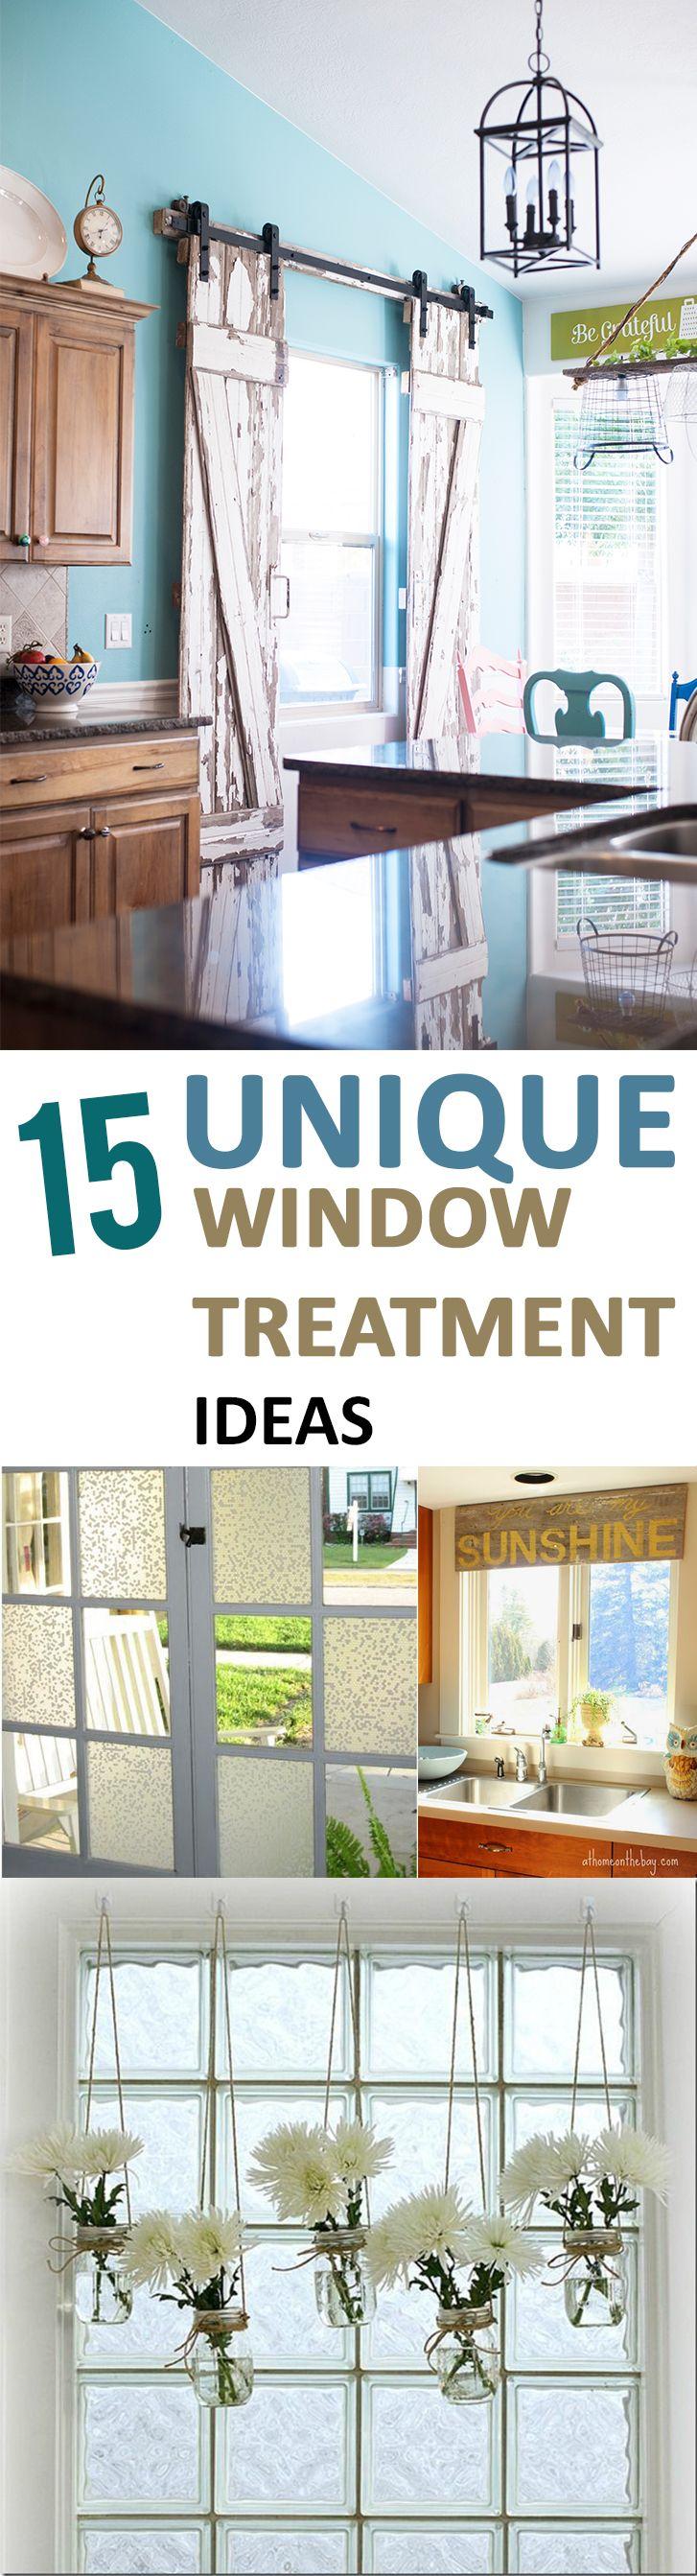 15 unique window treatment ideas unique window treatments 15 unique window treatment ideas